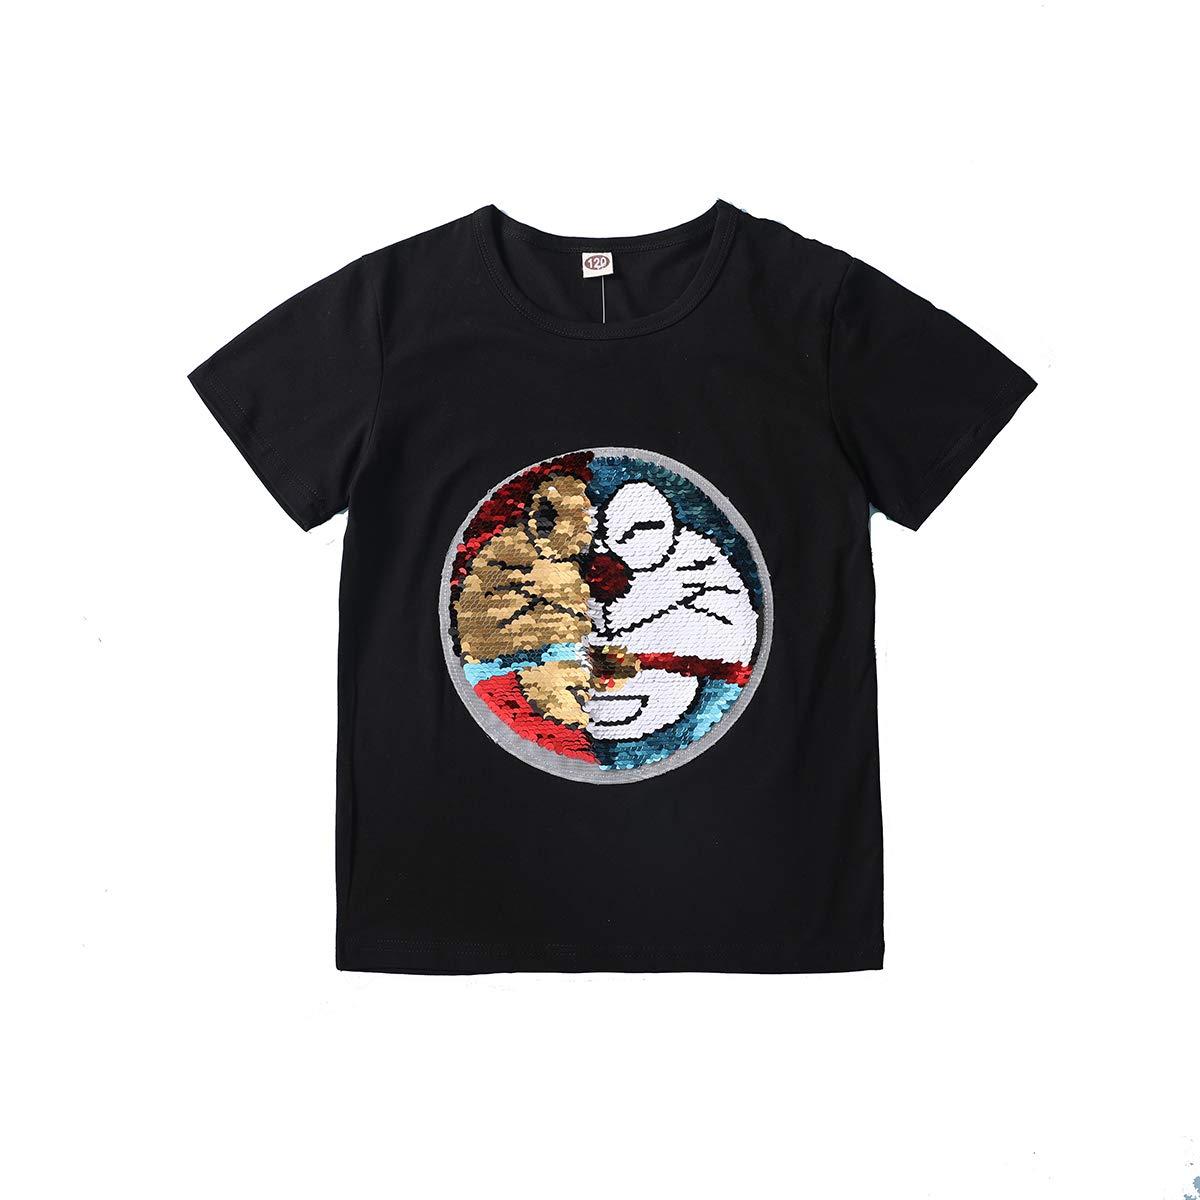 Lee little Angel Maglietta Felpa con Paillettes magiche per Bambini e Ragazzi Maglietta Top Pullover di Cotone per Bambini (3-13 Anni)